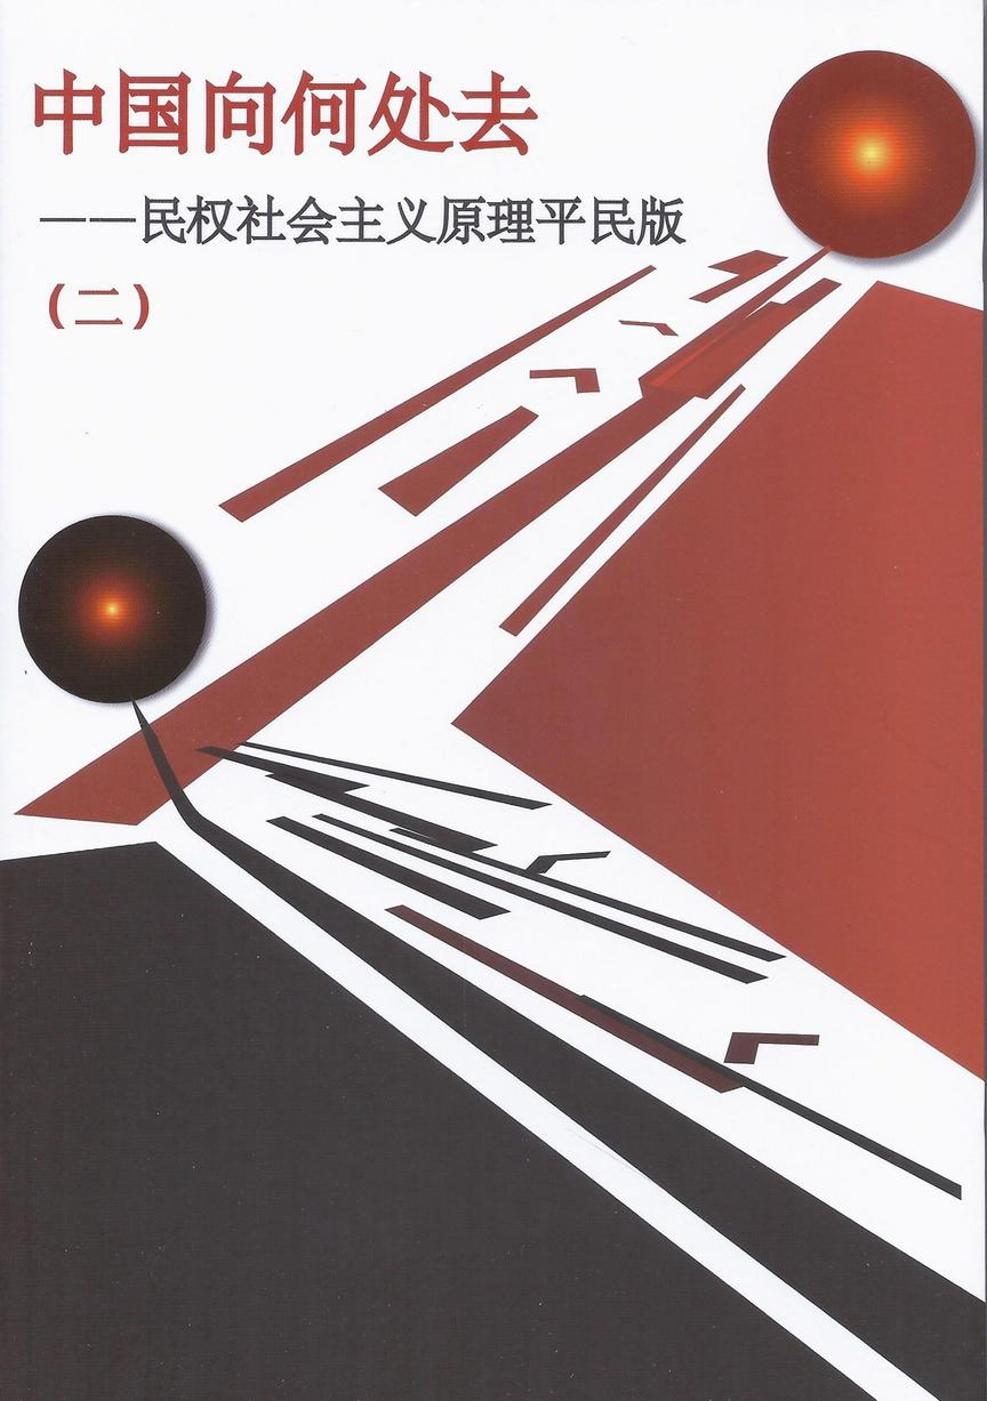 中國何處去第2冊﹝簡體字版﹞:民權社會主義原理平民版